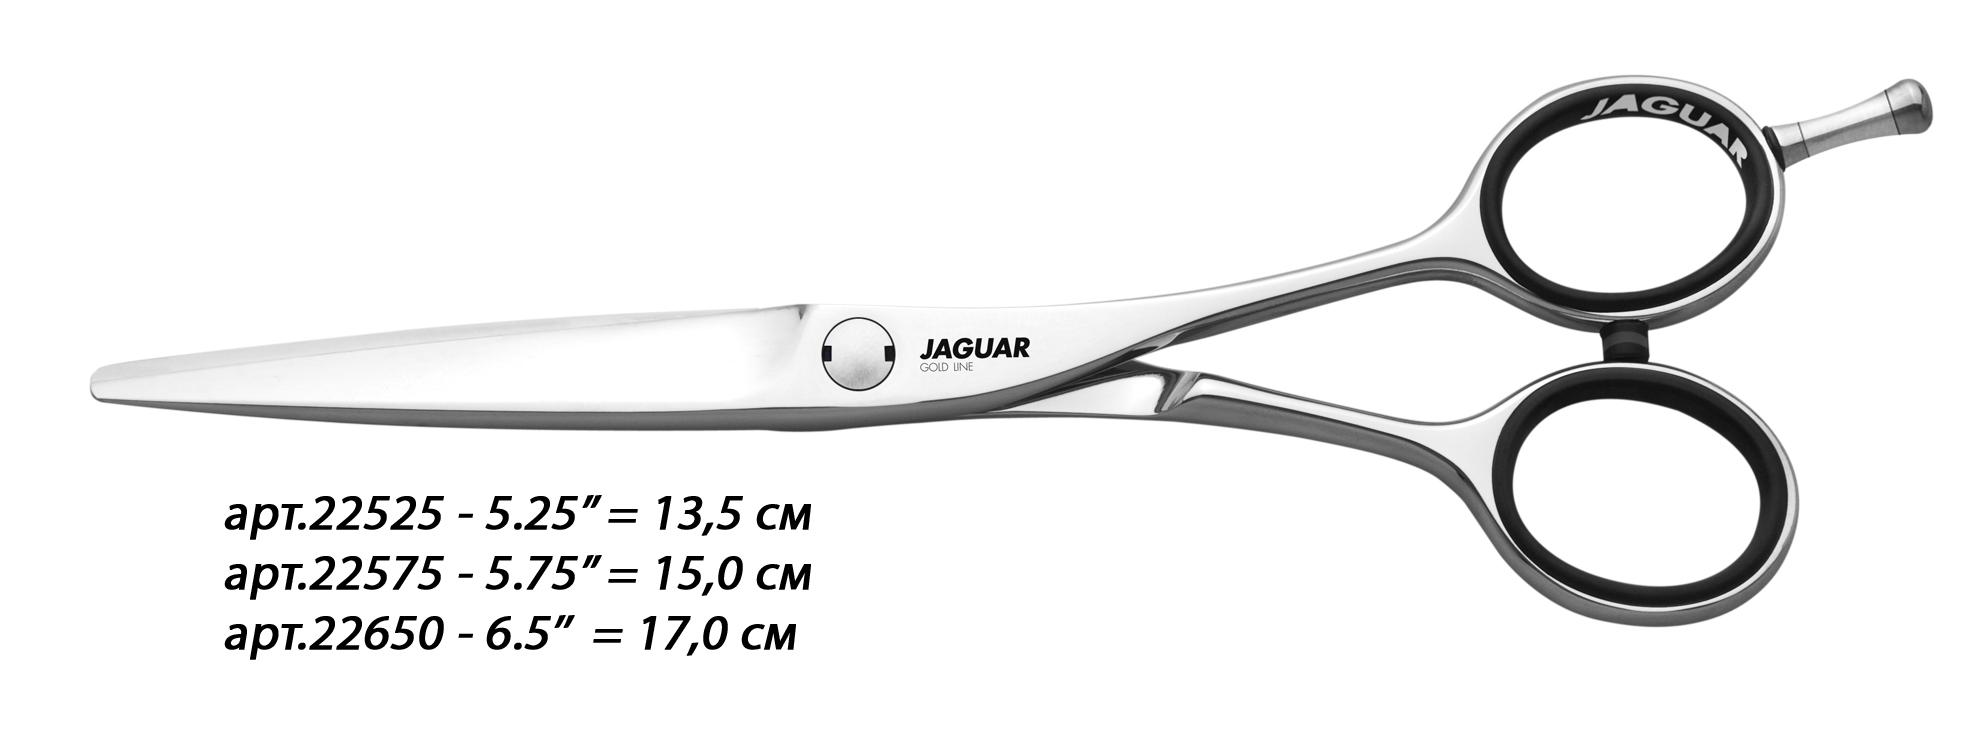 """JAGUAR Ножницы Jaguar Dynasty 5,25(13,5cm)GLНожницы <br>DYNASTY 5.25"""" = 13.5 cm Классический дизайн обеспечивает традиционное ощущение при стрижке. Тип: прямые ножницы. Размер: 5,25 дюйма. Материал: профессиональная сталь. Форма: классическая. Назначение: для стрижки. Профессиональные парикмахерские ножницы классической формы, модель Jaguar Dynasty. Инструмент с интегрированной режущей кромкой и винтом-эксцентриком — прядь удерживается полотнами, а не выталкивается, после чего она не нуждается в подравнивании. Ножницы подходят для выполнения качественного скользящего среза. Шлифовка ручная. Есть съемный упор, мягкие кольцевые вкладыши для пальцев.<br><br>Класс косметики: Профессиональная"""